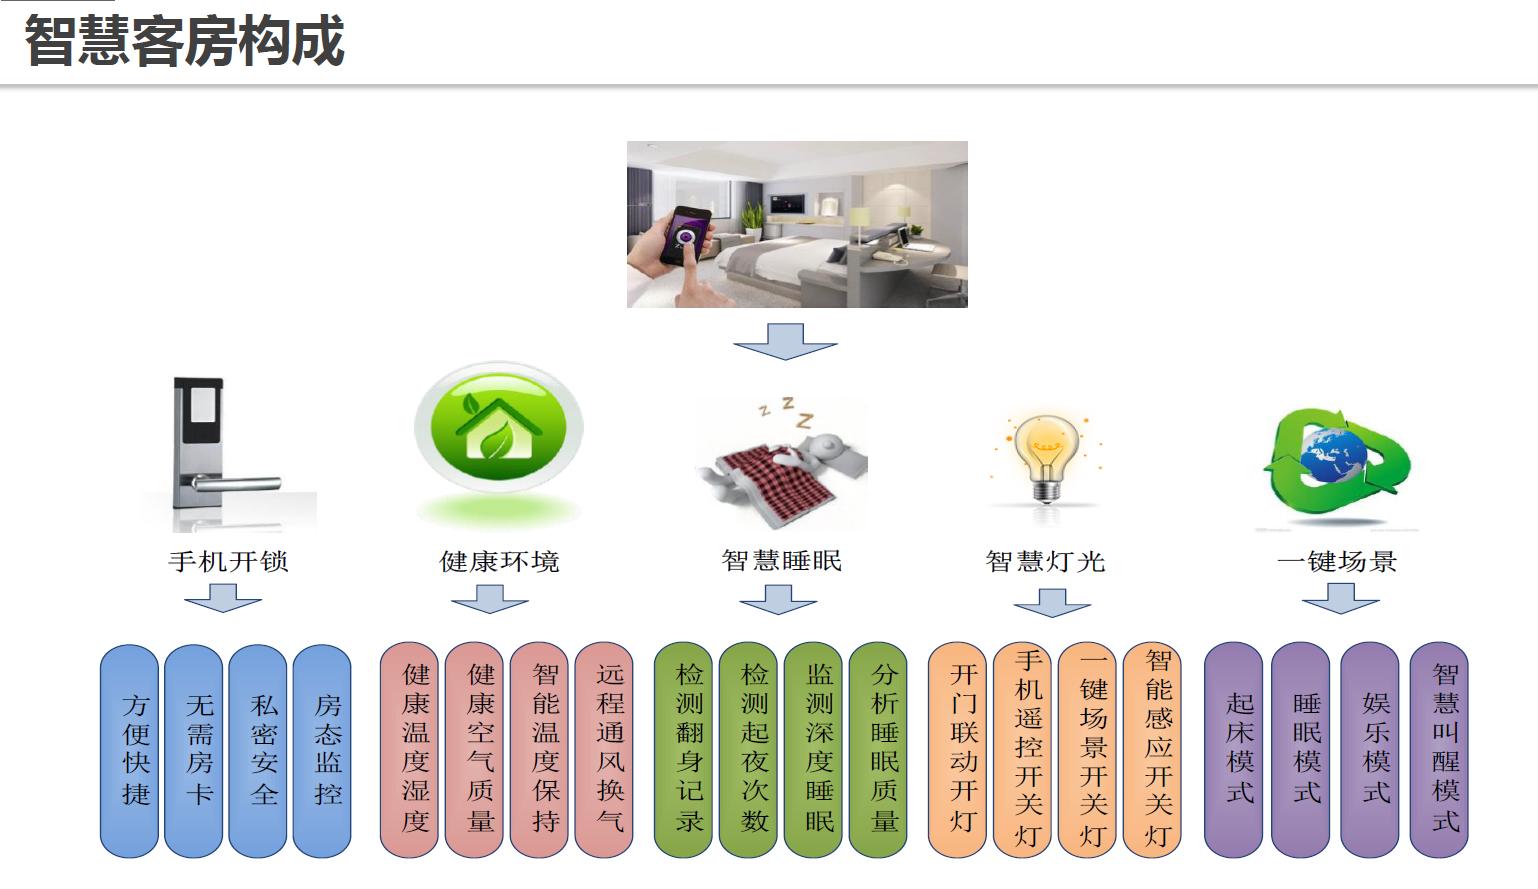 成都移动酒店产品案例智能酒店管理系统